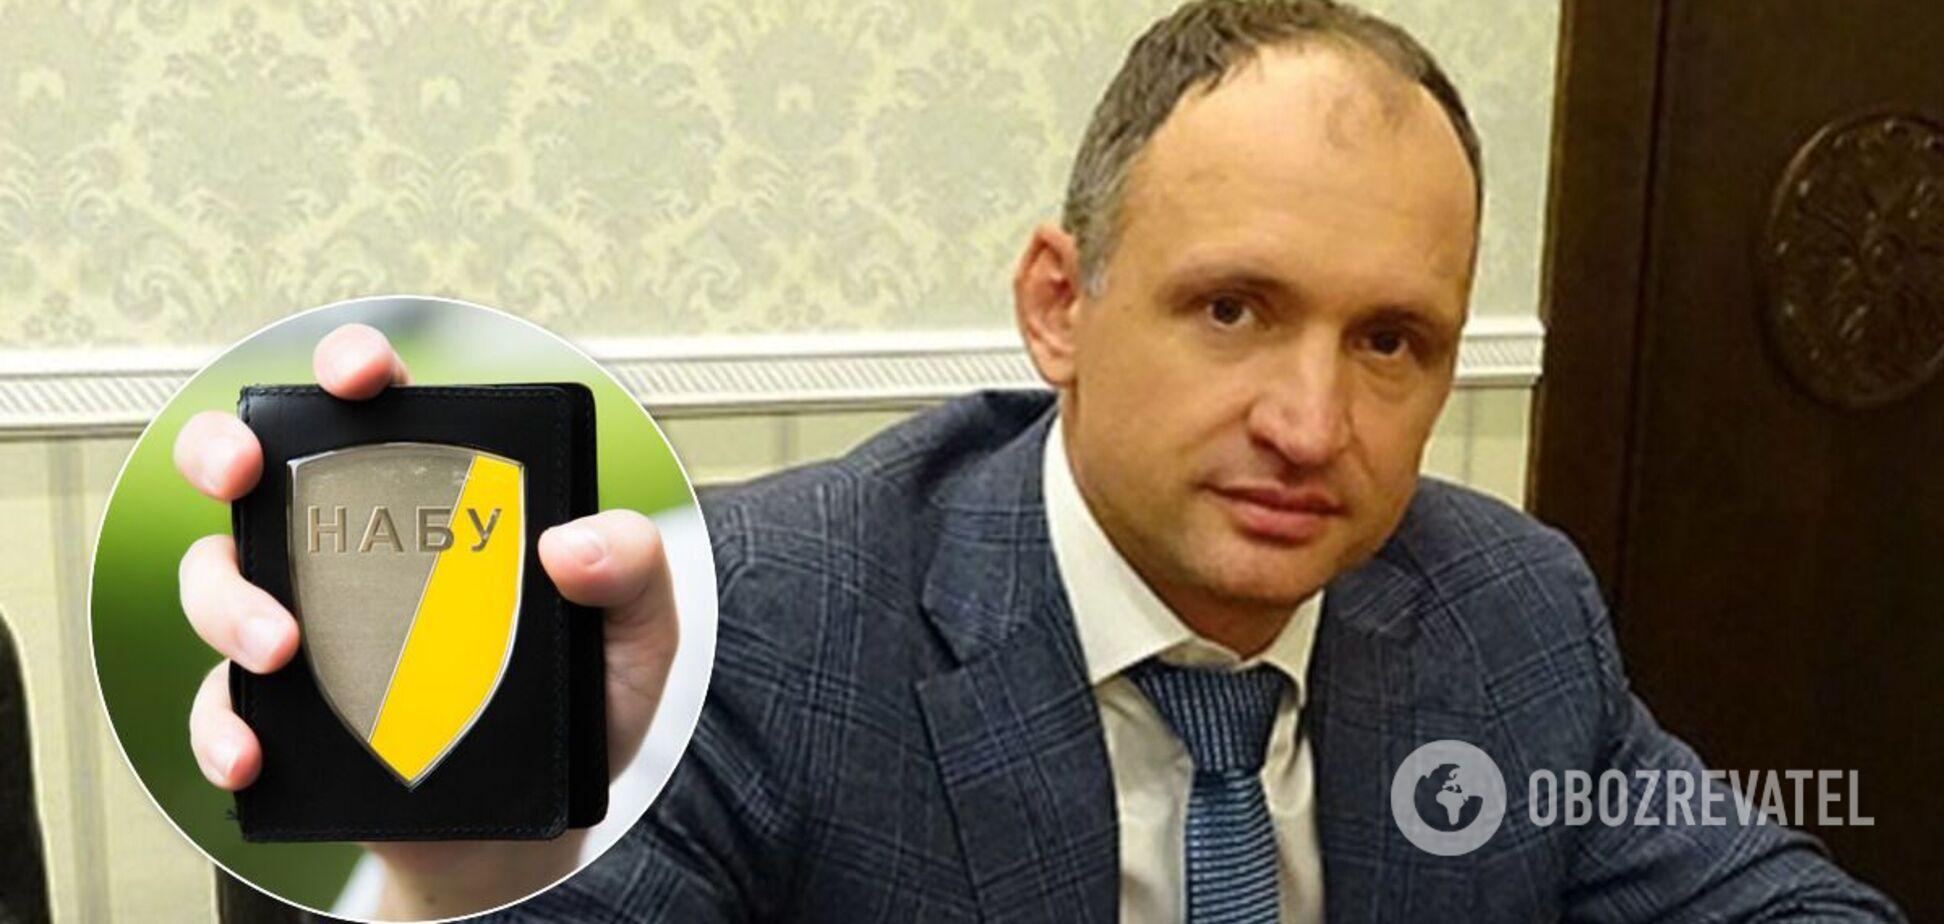 Детективы НАБУ готовили задержание Татарова